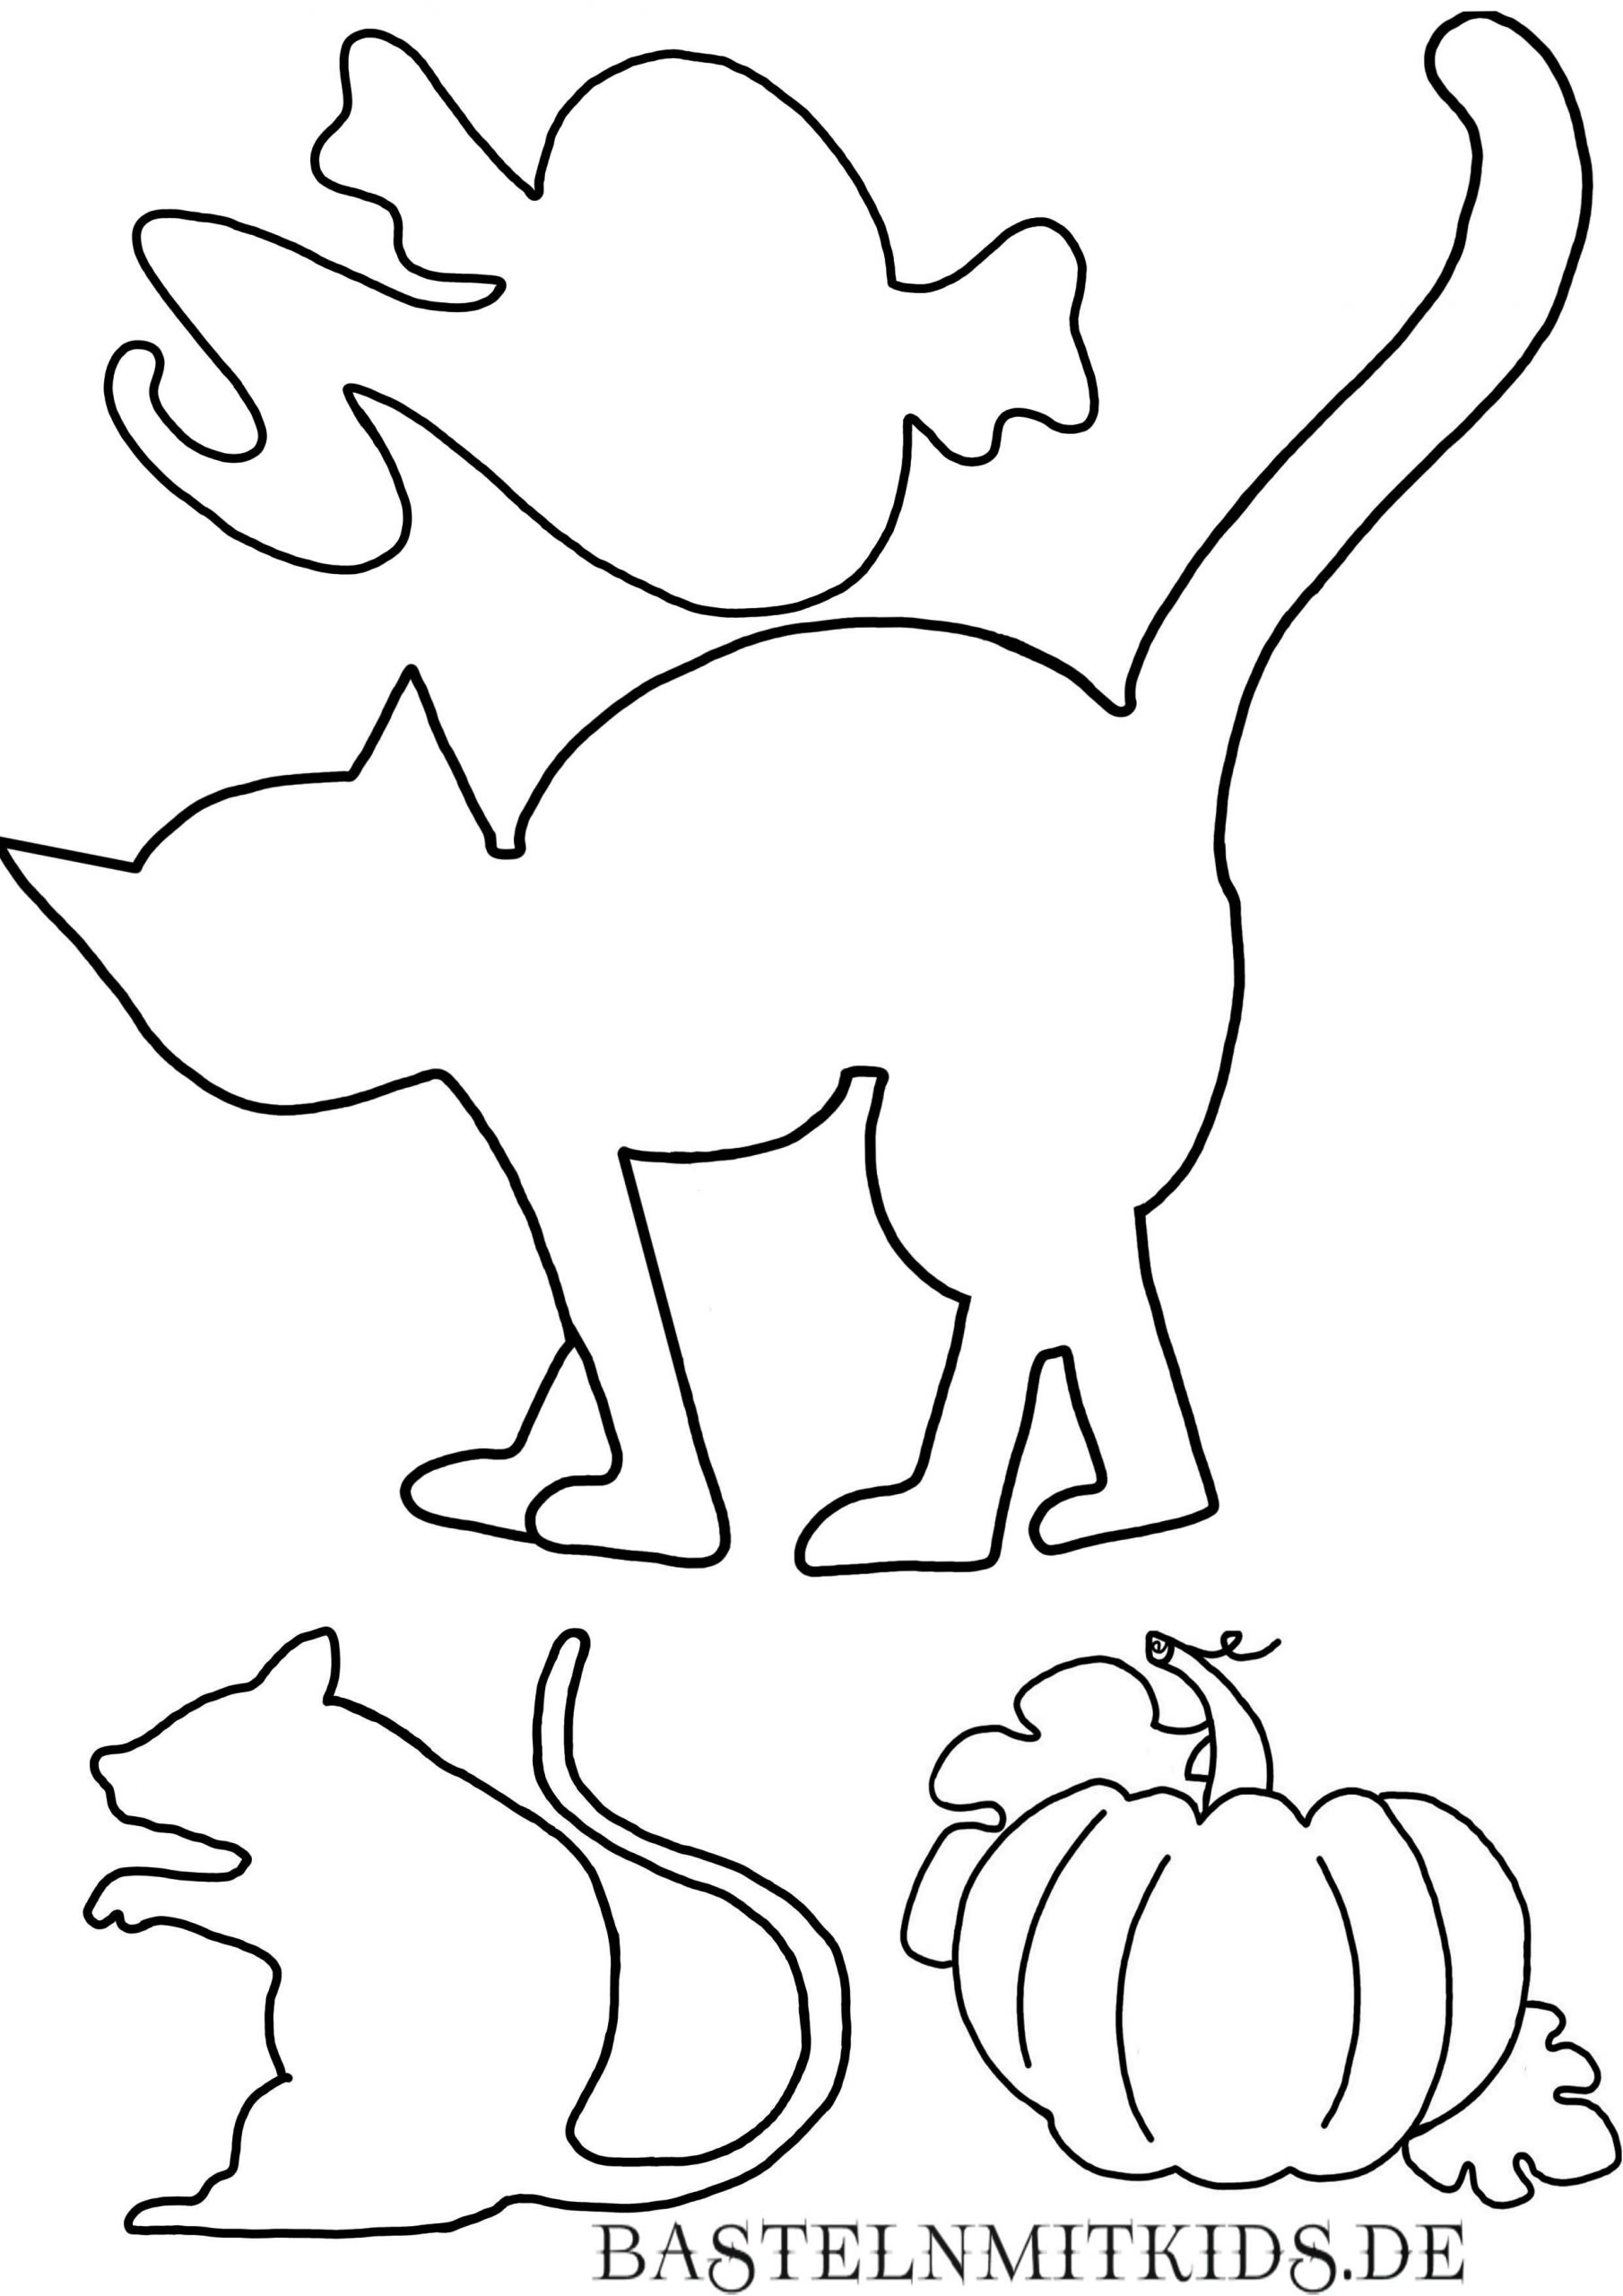 Malvorlagen Und Briefpapier Gratis Zum Drucken - Basteln Mit bestimmt für Gratis Malvorlagen Halloween